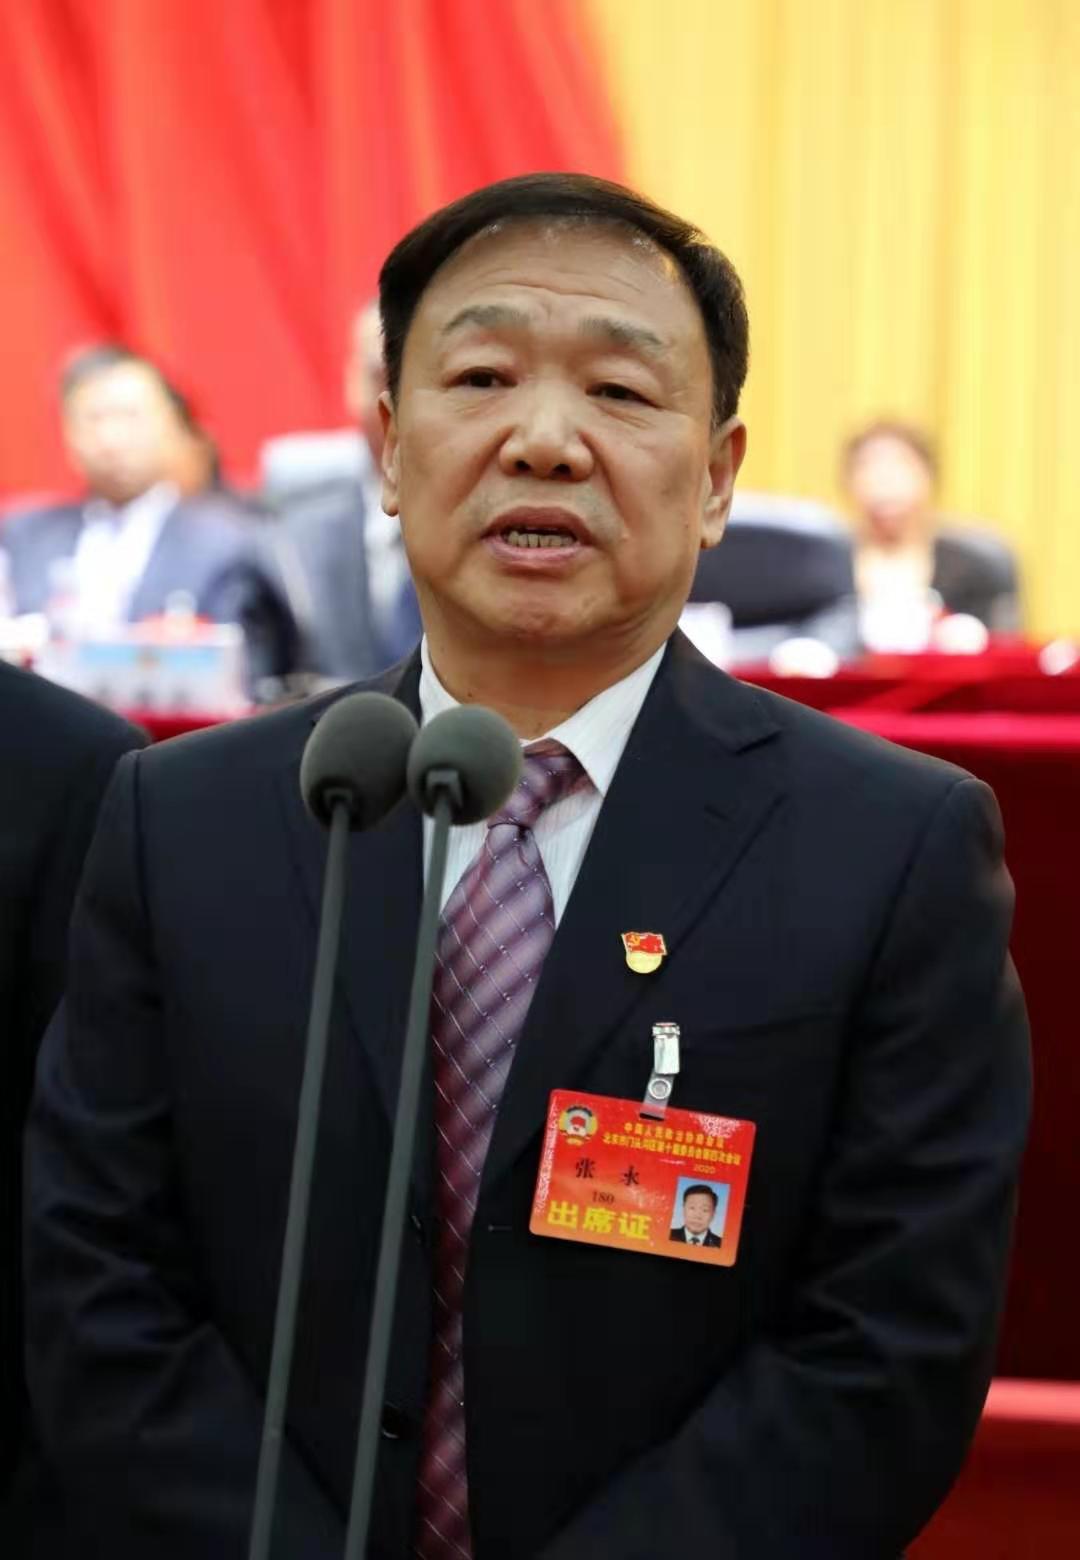 宝宝计划:永宝宝计划当选门头沟区政协图片